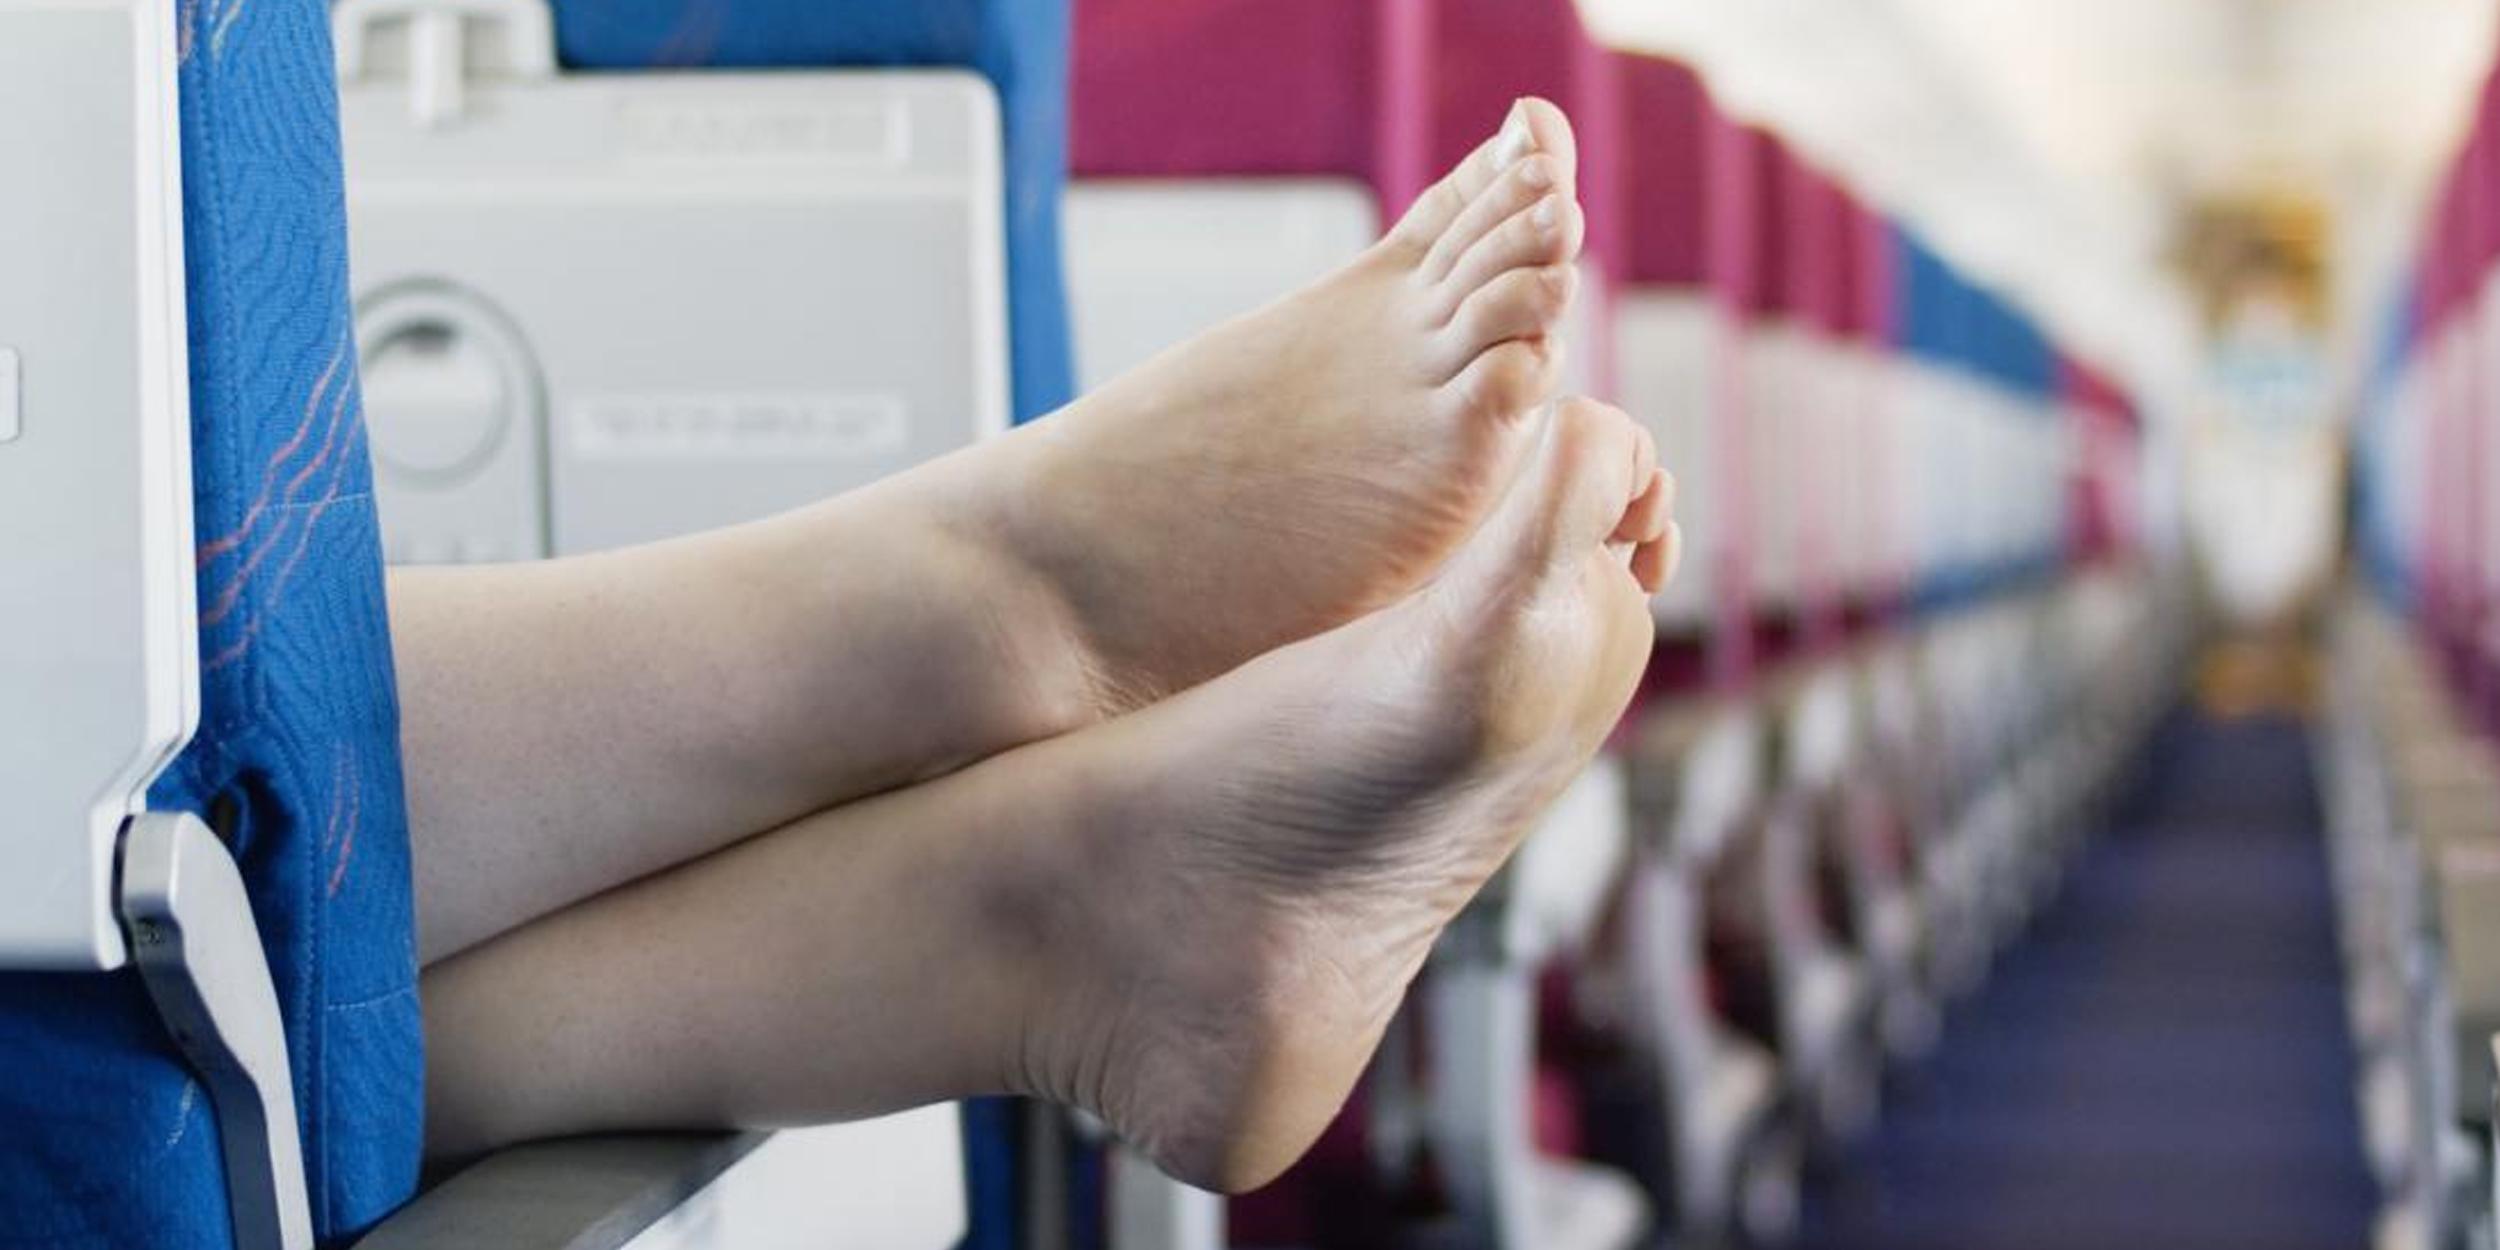 Нельзя снимать обувь в самолете